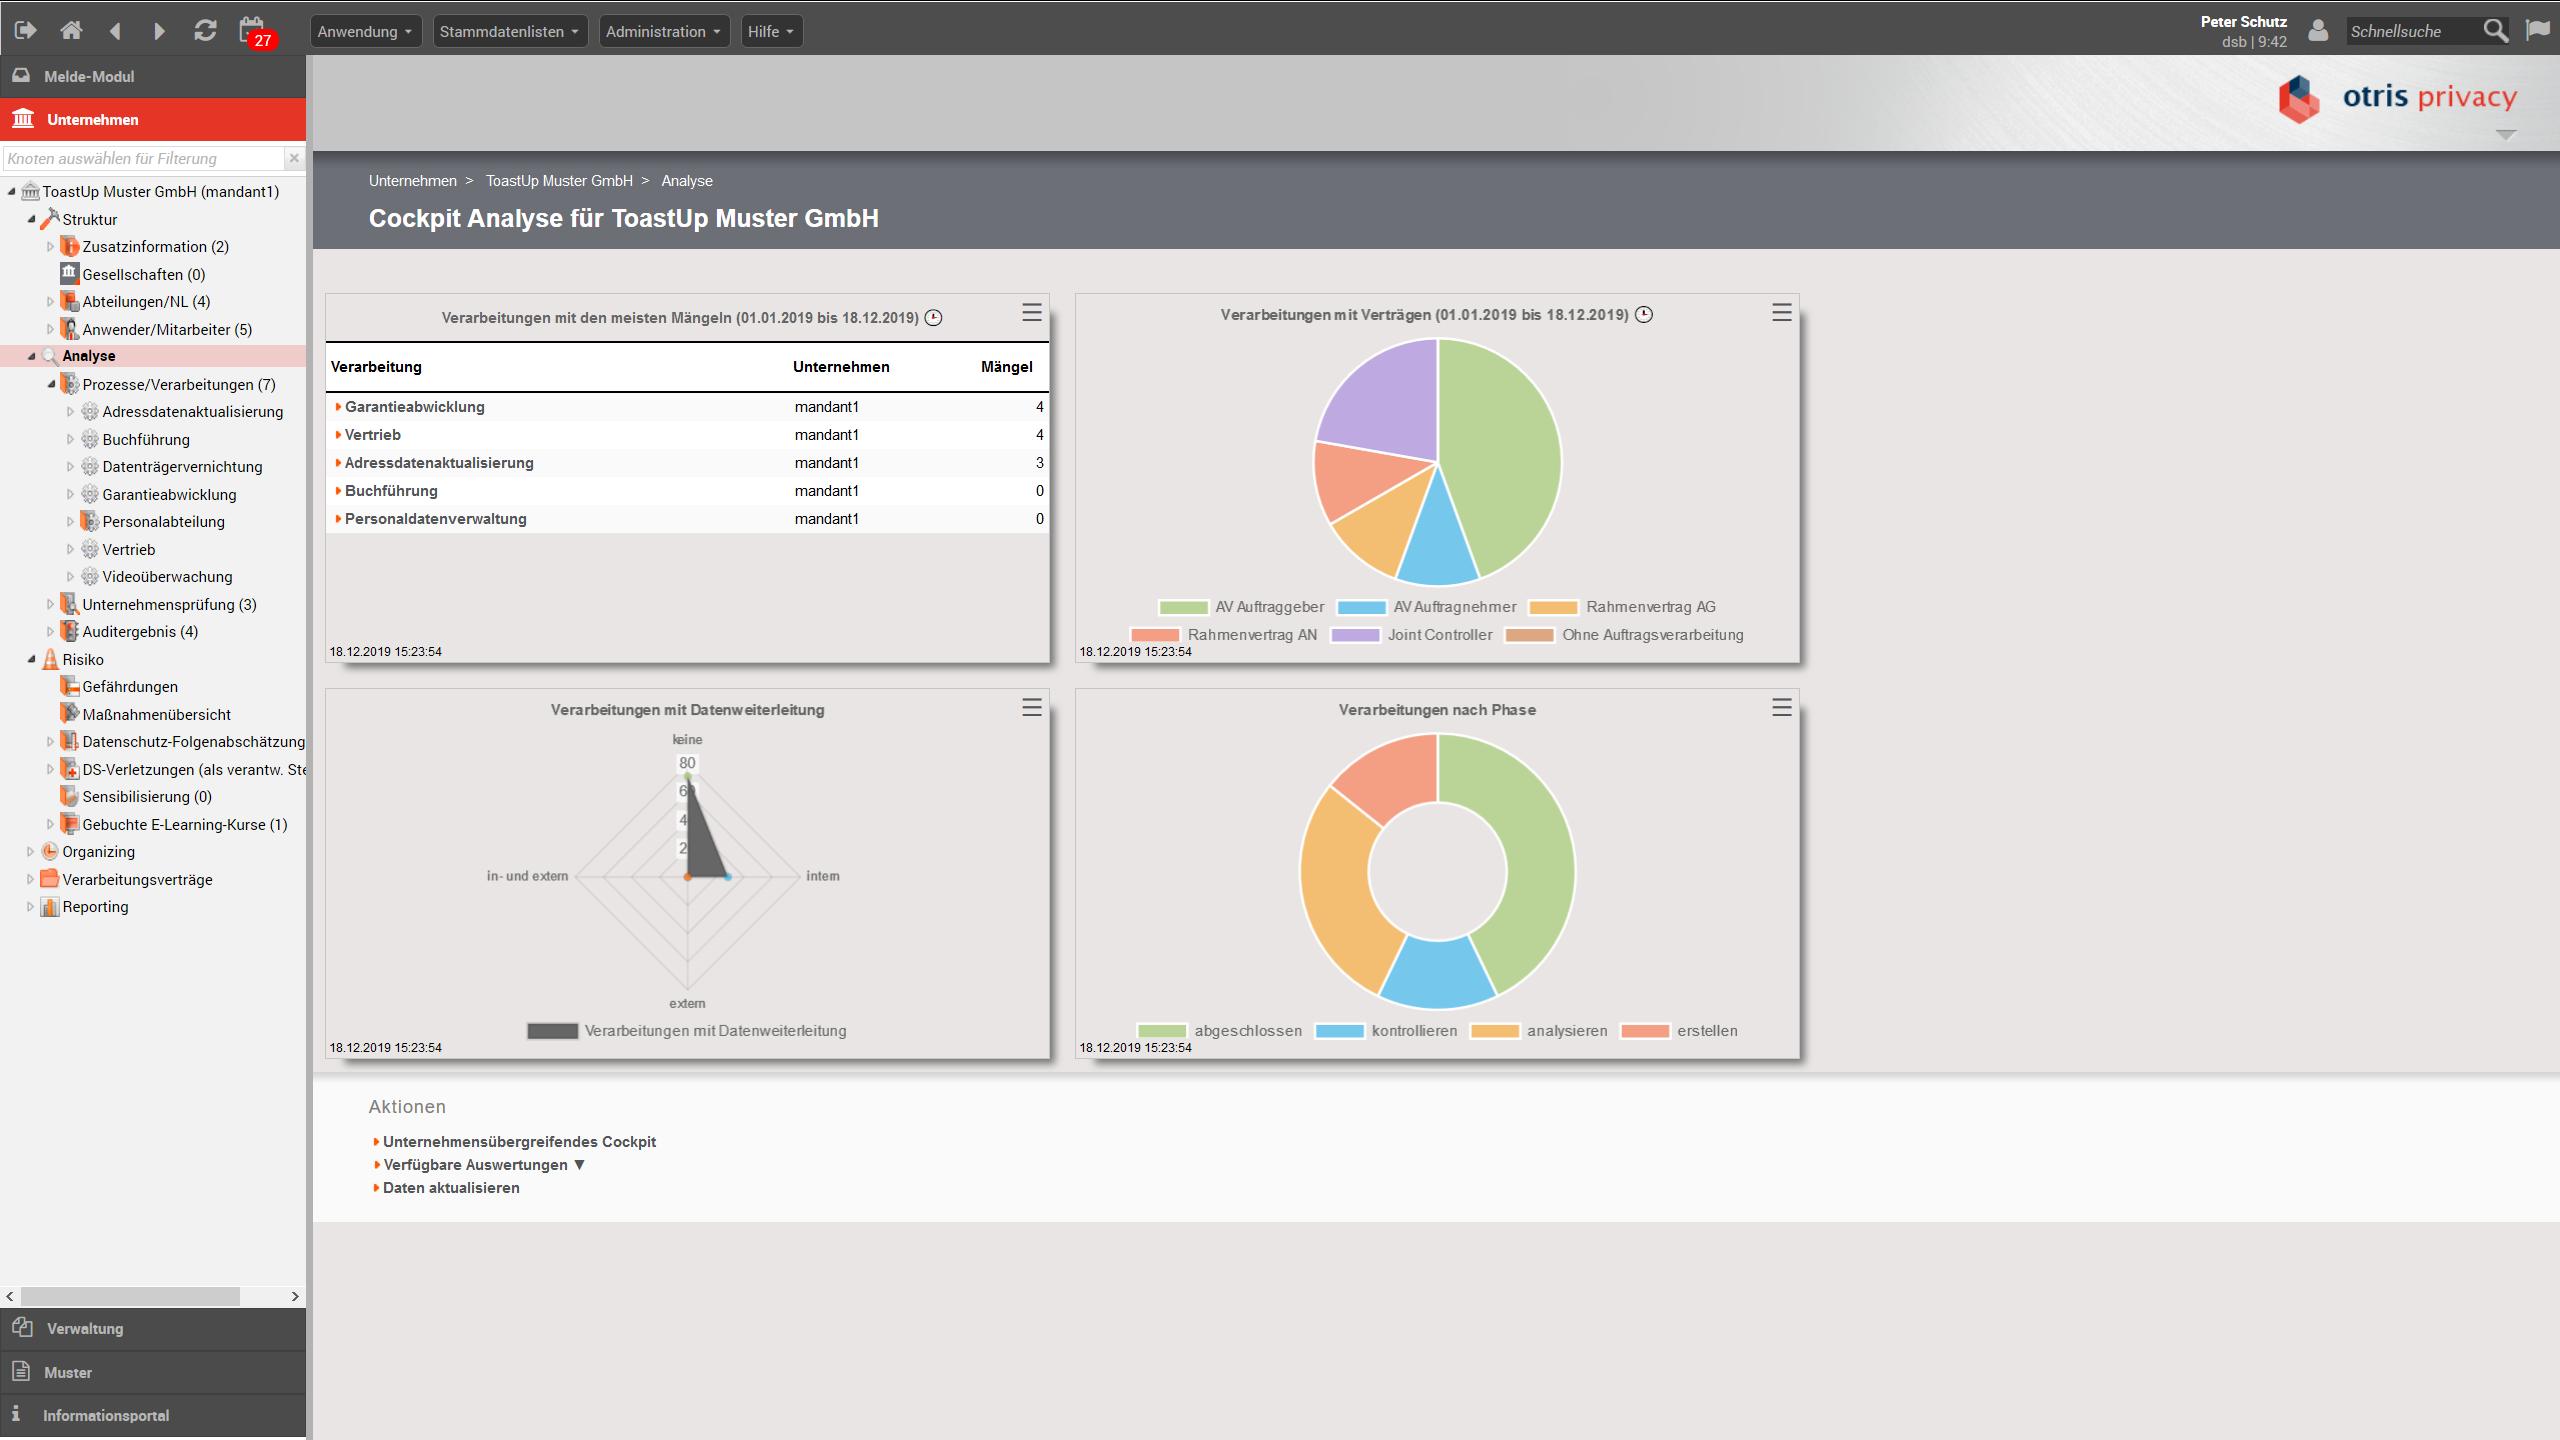 datenschutzmanagement-otris-privacy_analysis